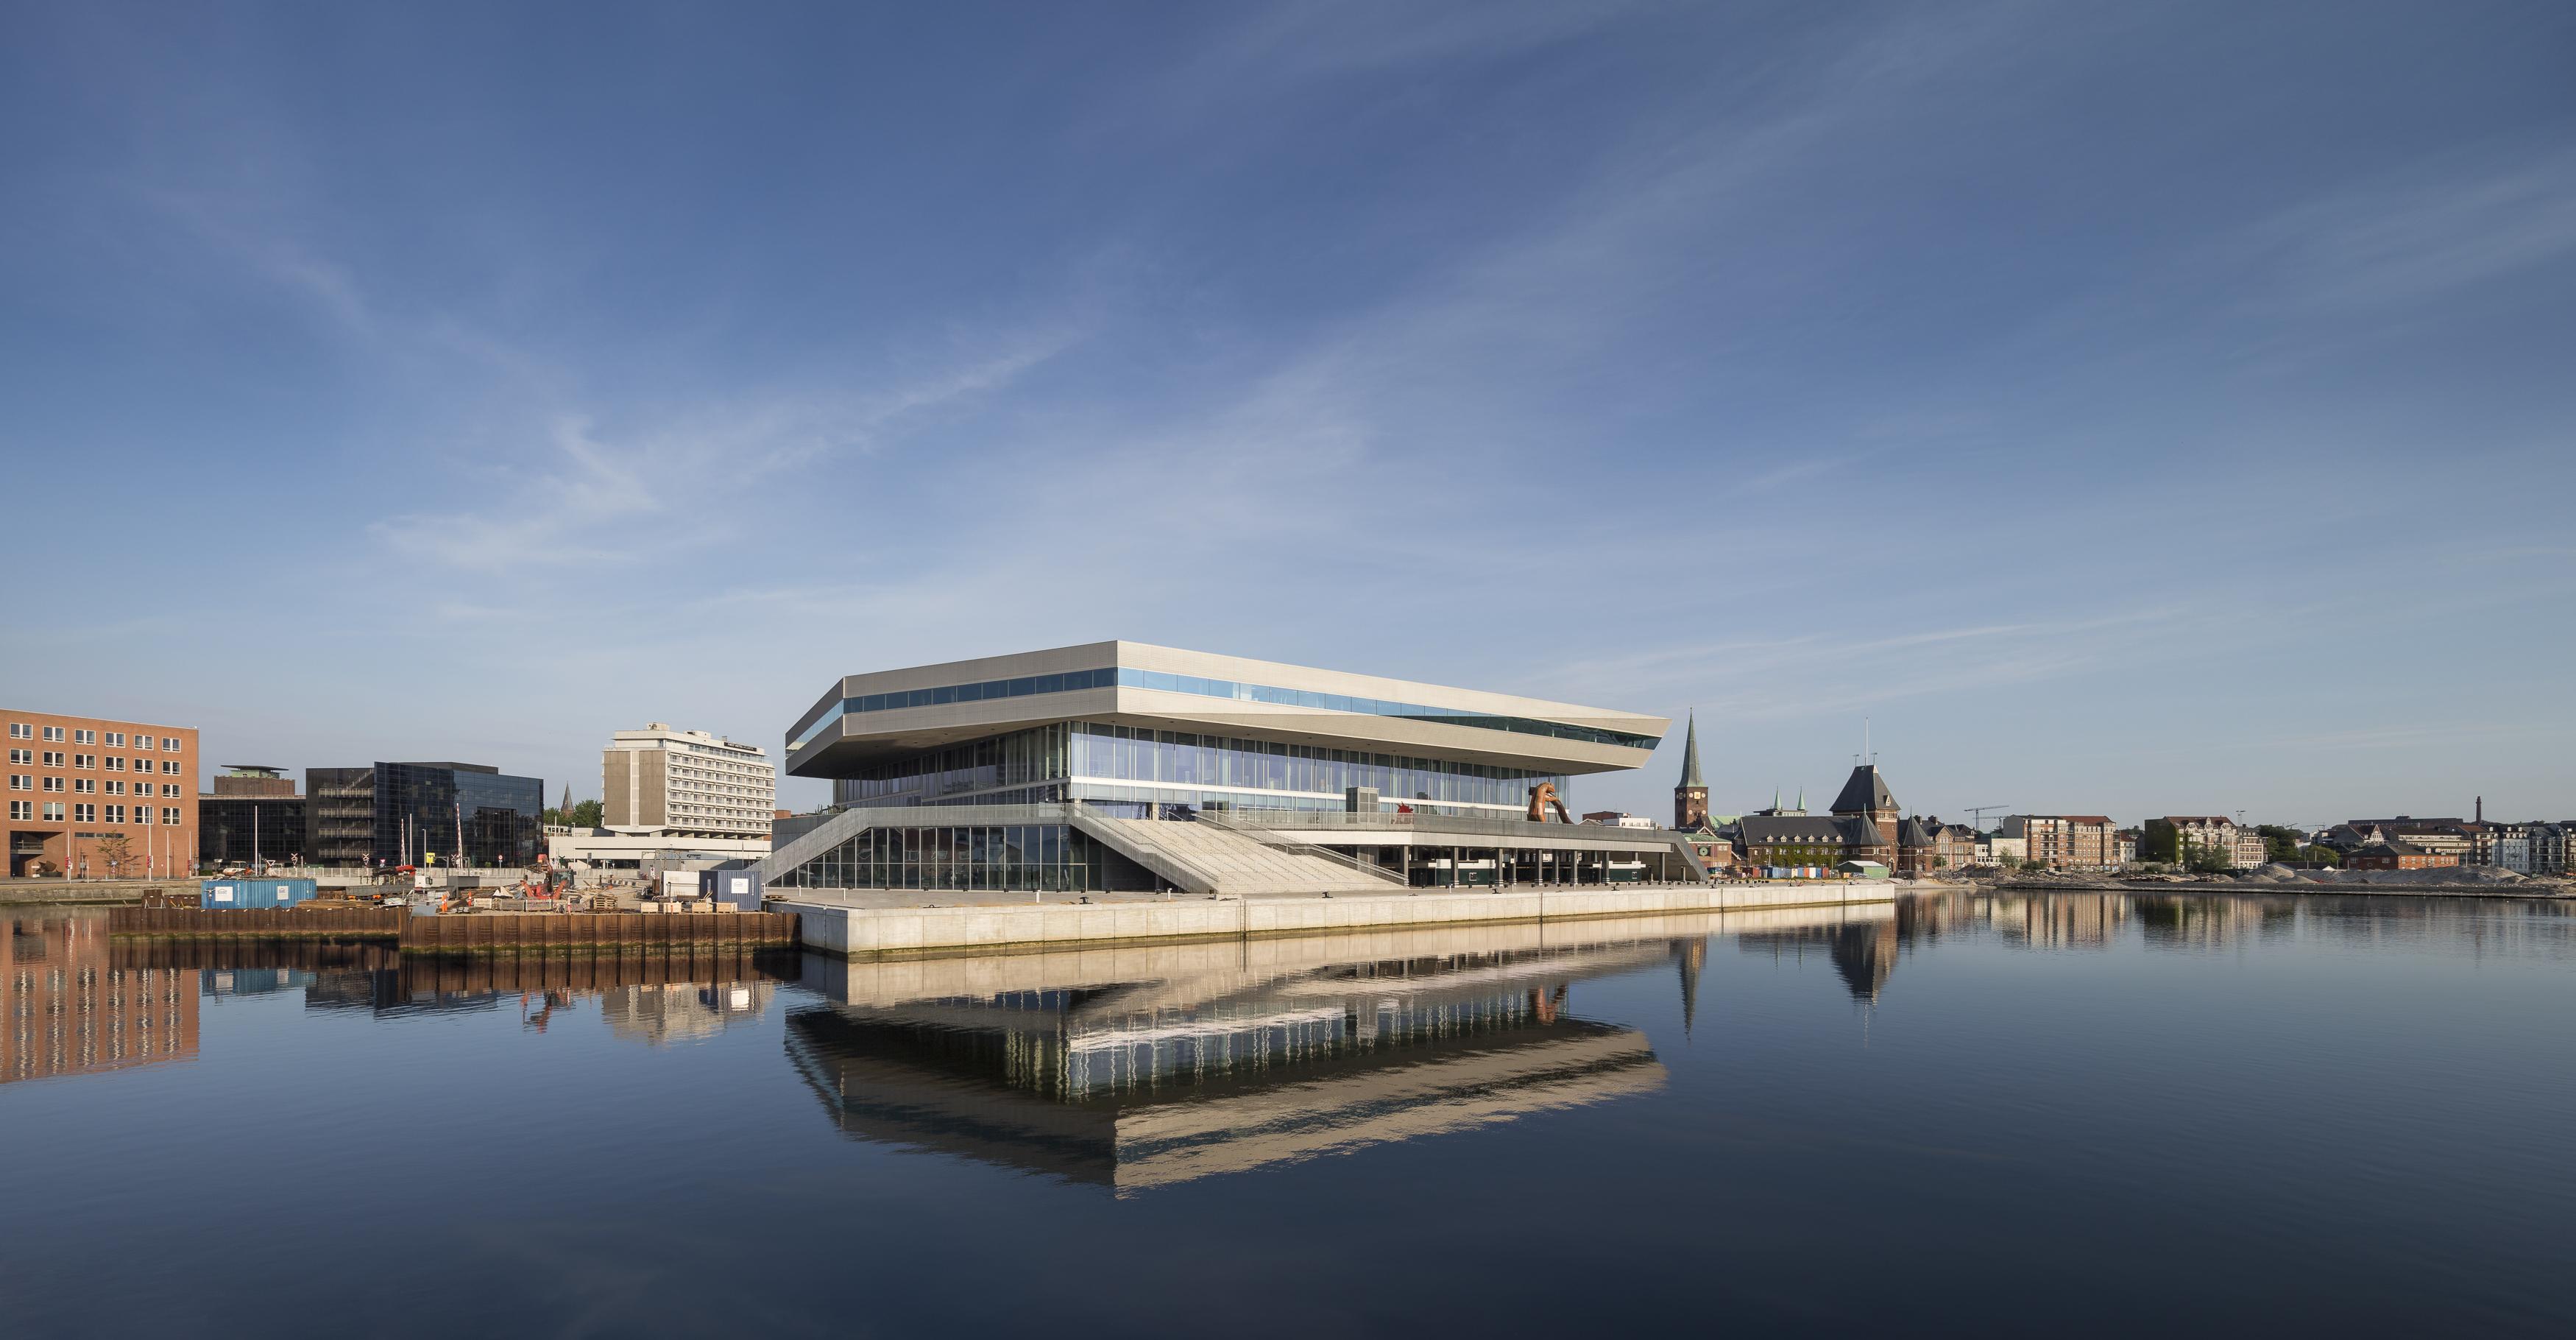 Dokk1 i największa w Skandynawii biblioteka publiczna